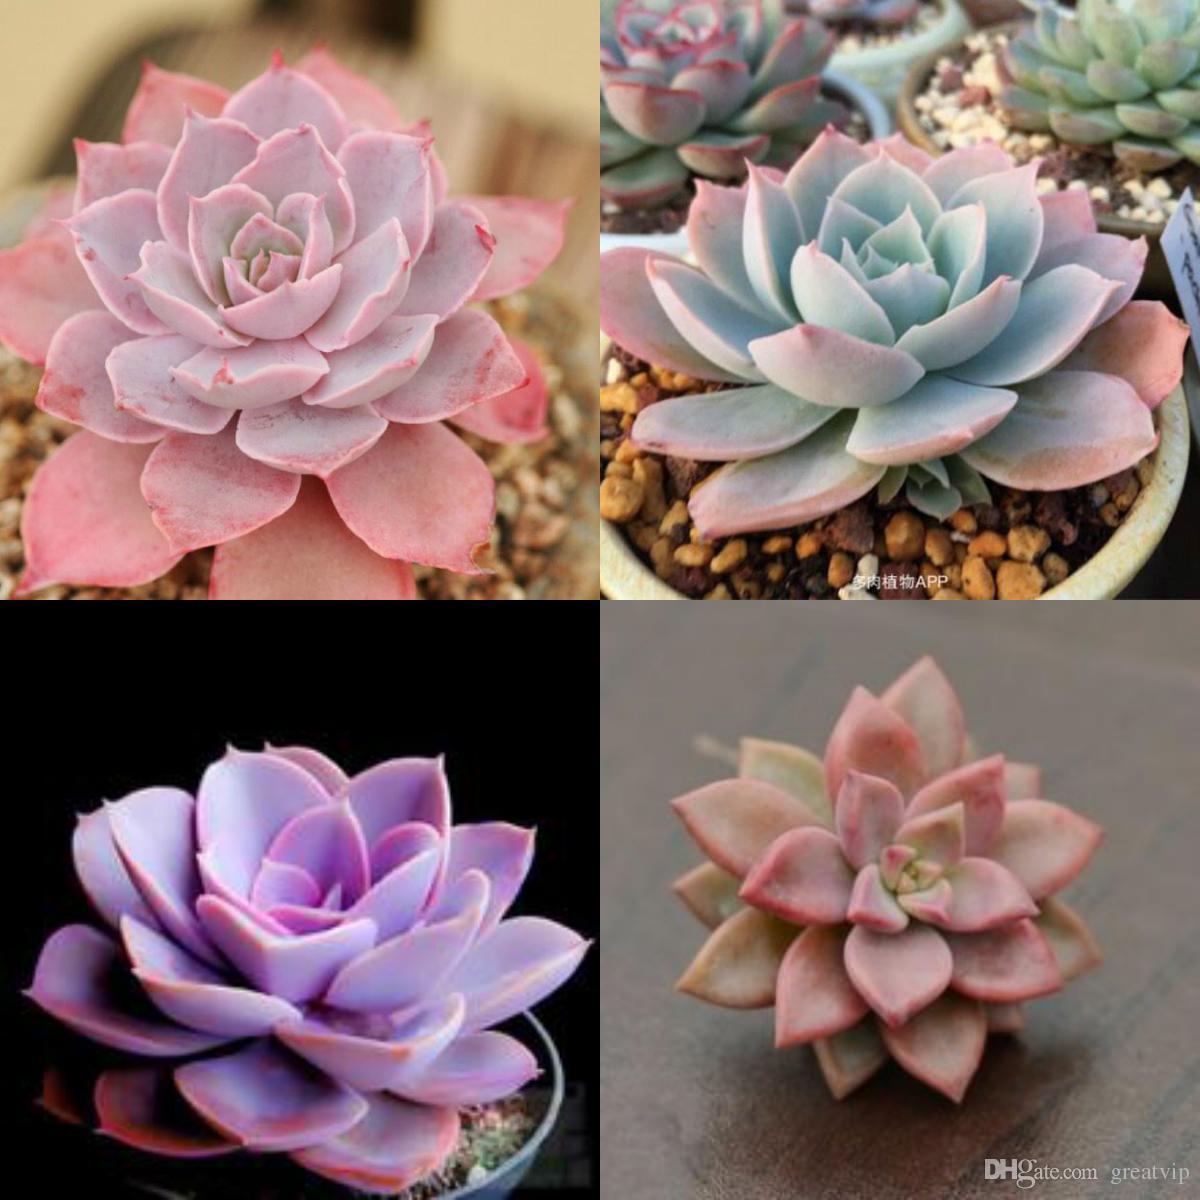 Compre Plantas Suculentas Semillas De Flores Barato Lucky Pink